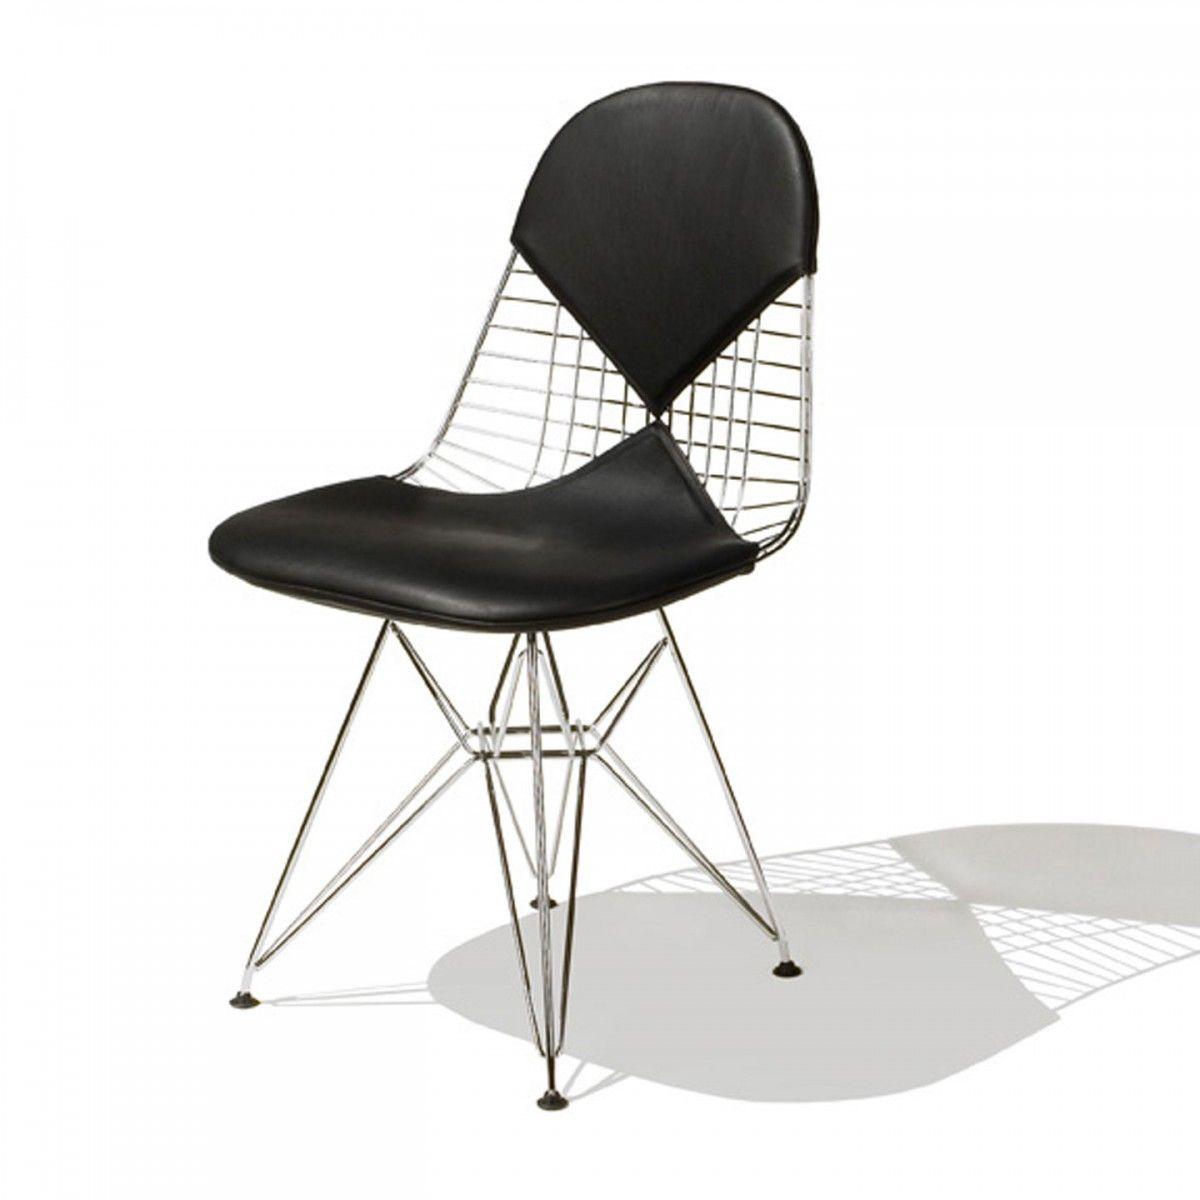 Wire 2 in Chair DKR 2019FurnitureWire Eames chair c3jqLS4A5R